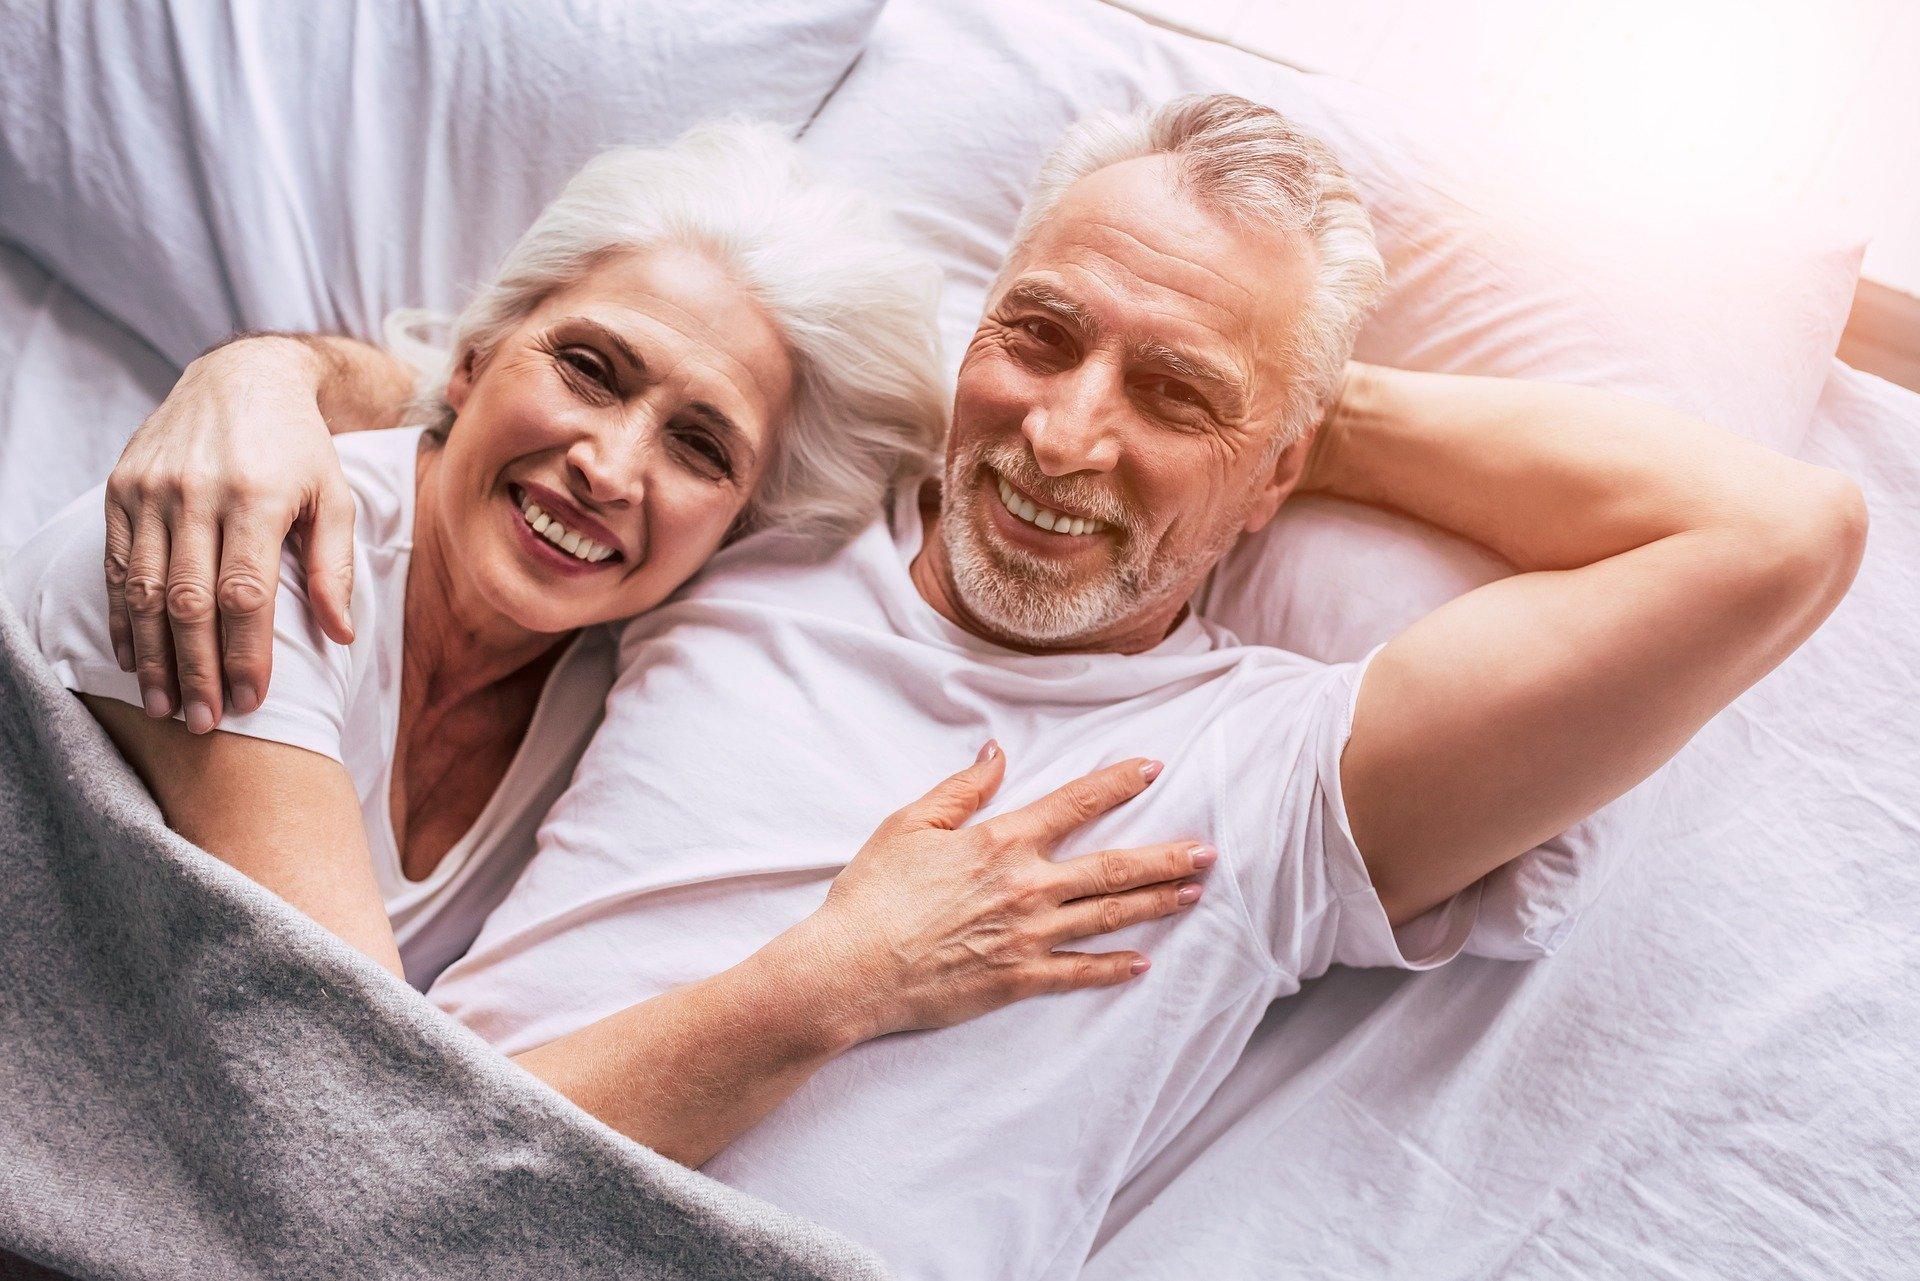 Quelle serait la meilleure literie pour les personnes âgées